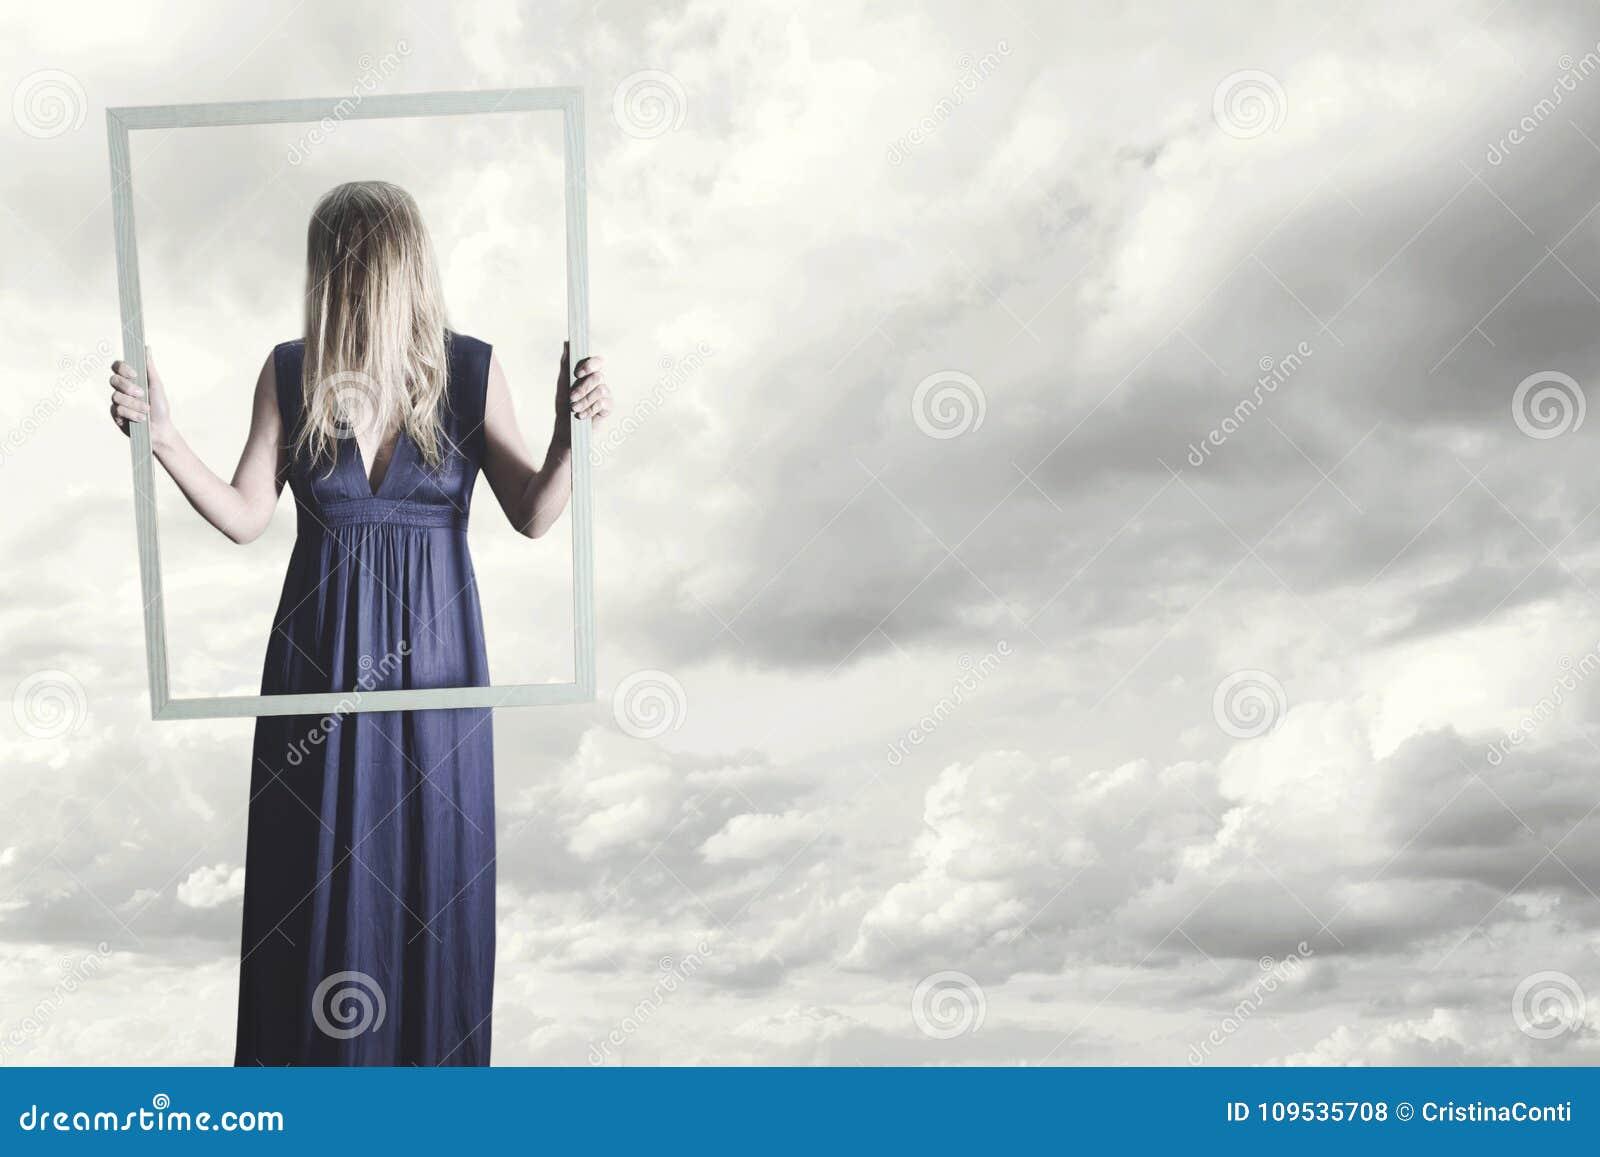 Frau Zeigt Sich Im Rahmen Einer Malerei Mit Ihrem Haar, Das Ihr ...